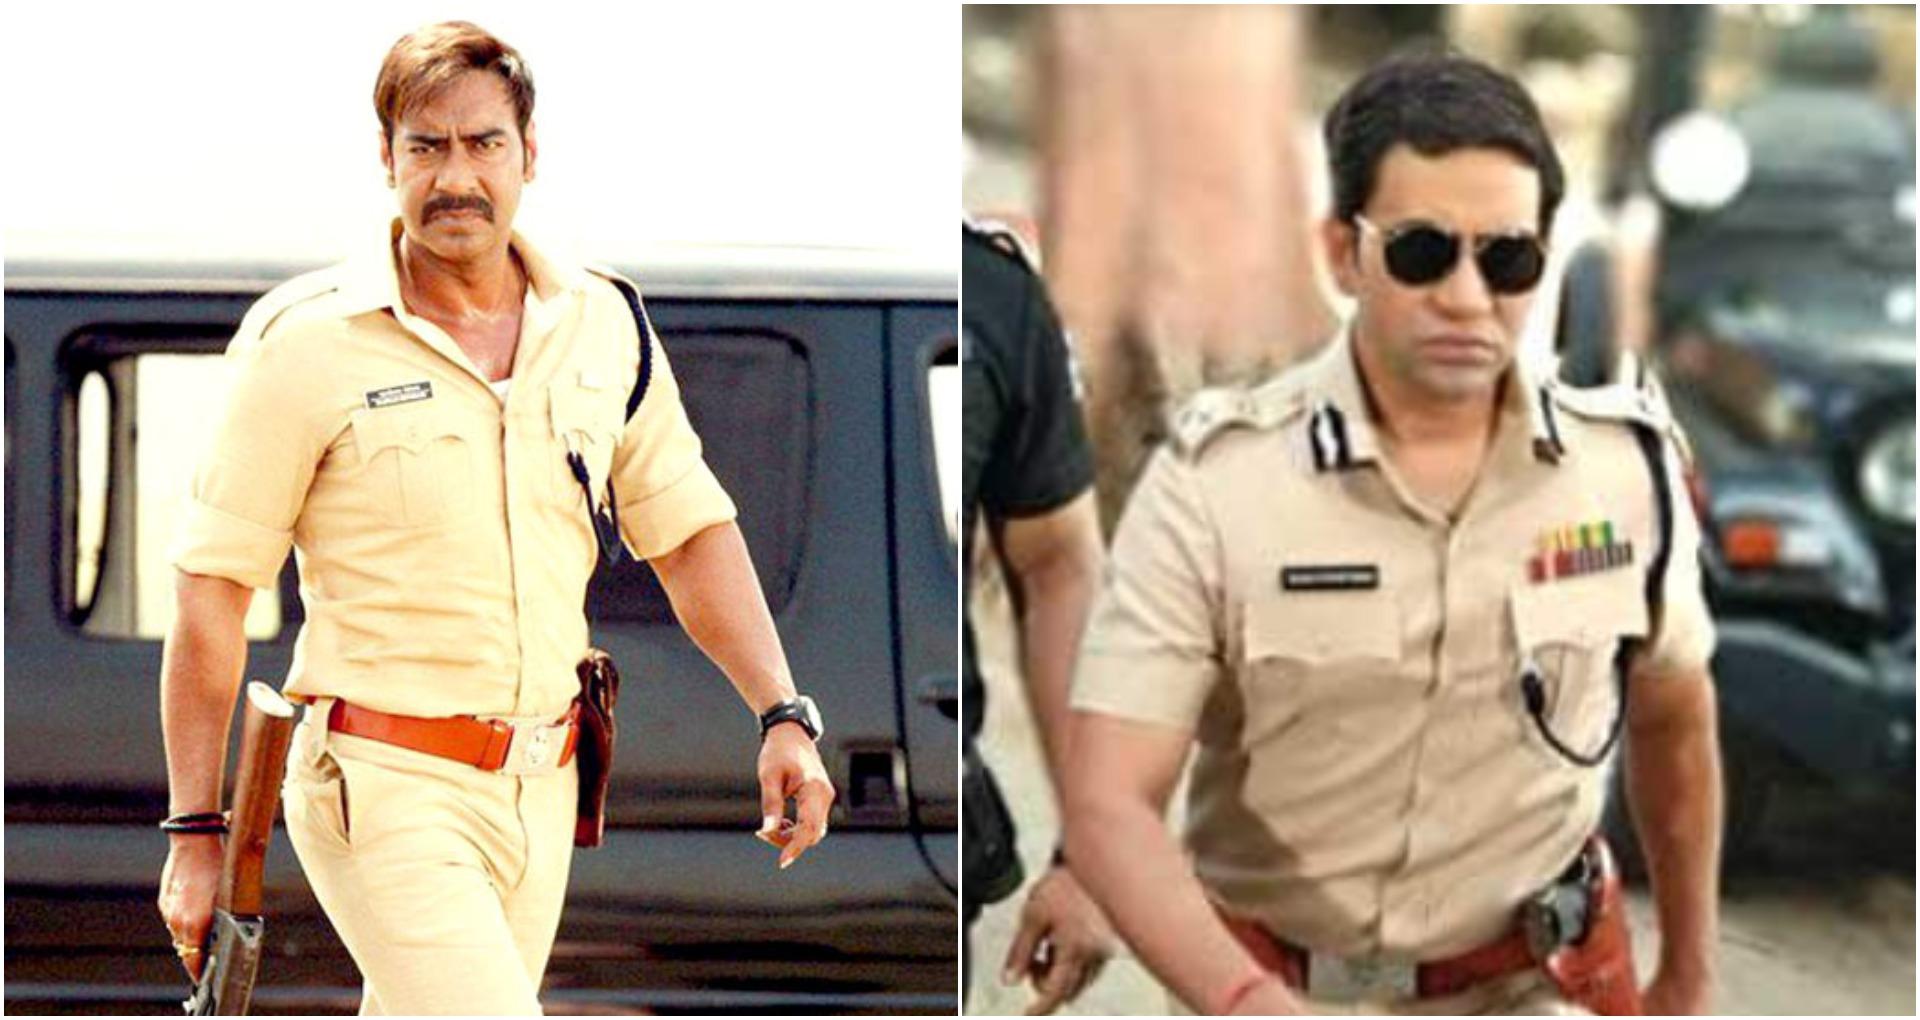 स्पेशल: सिंघम अजय देवगन के साथ काम करने के लिए तरसते हैं भोजपुरी के सुपरस्टार दिनेश लाल यादव निरहुआ